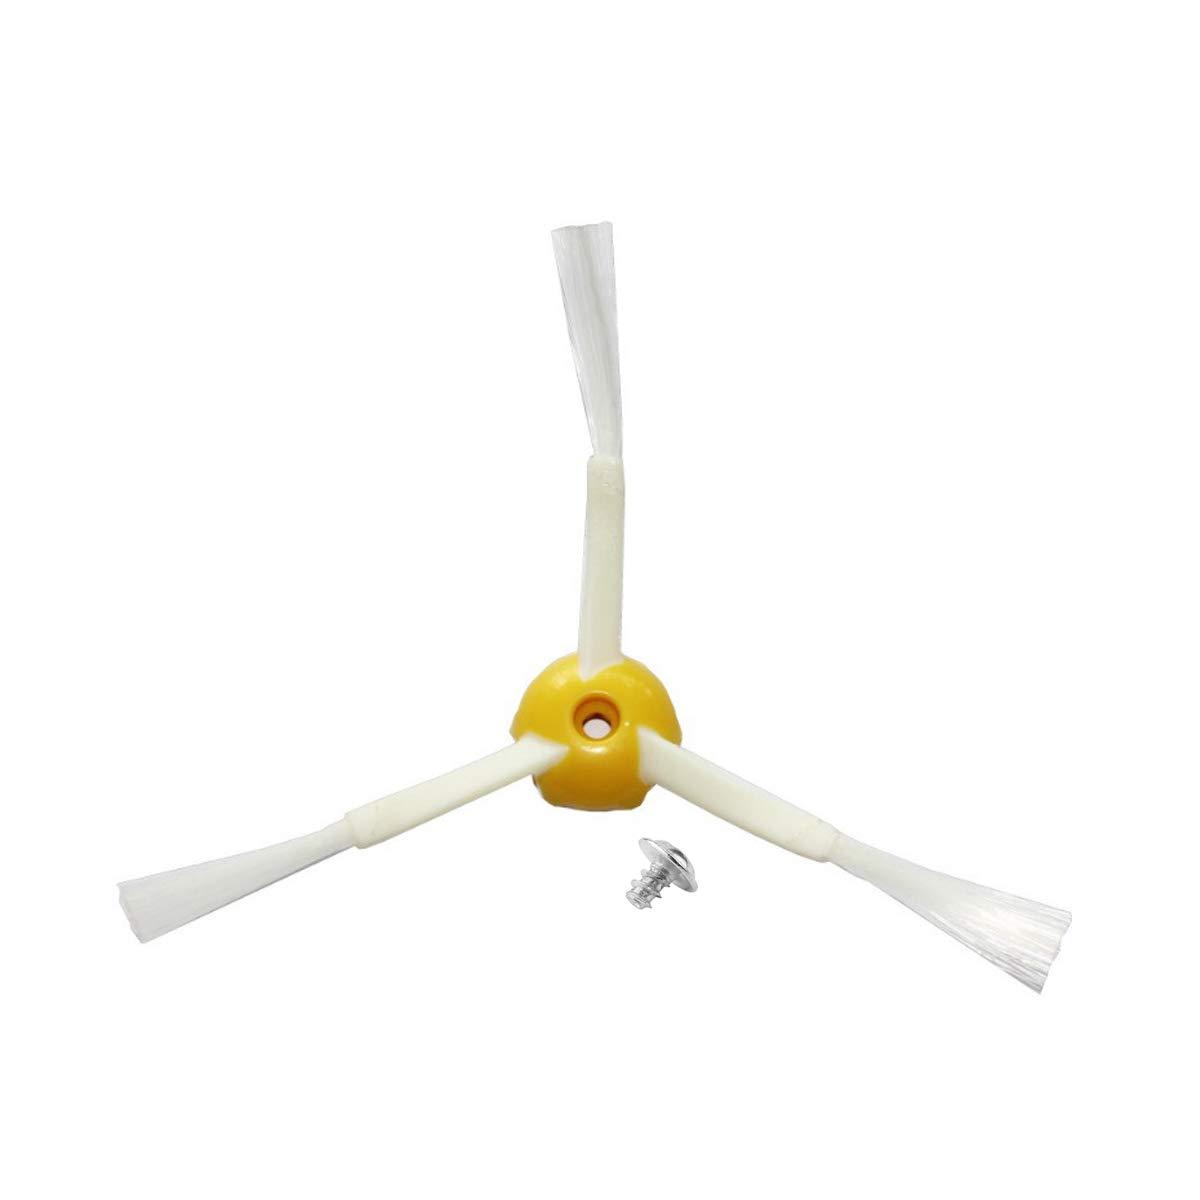 Kit 3 Pale Aste Ricambi 600 e 700 MIRTUX Pack di 3 spazzole Laterali compatibili con Roomba 500